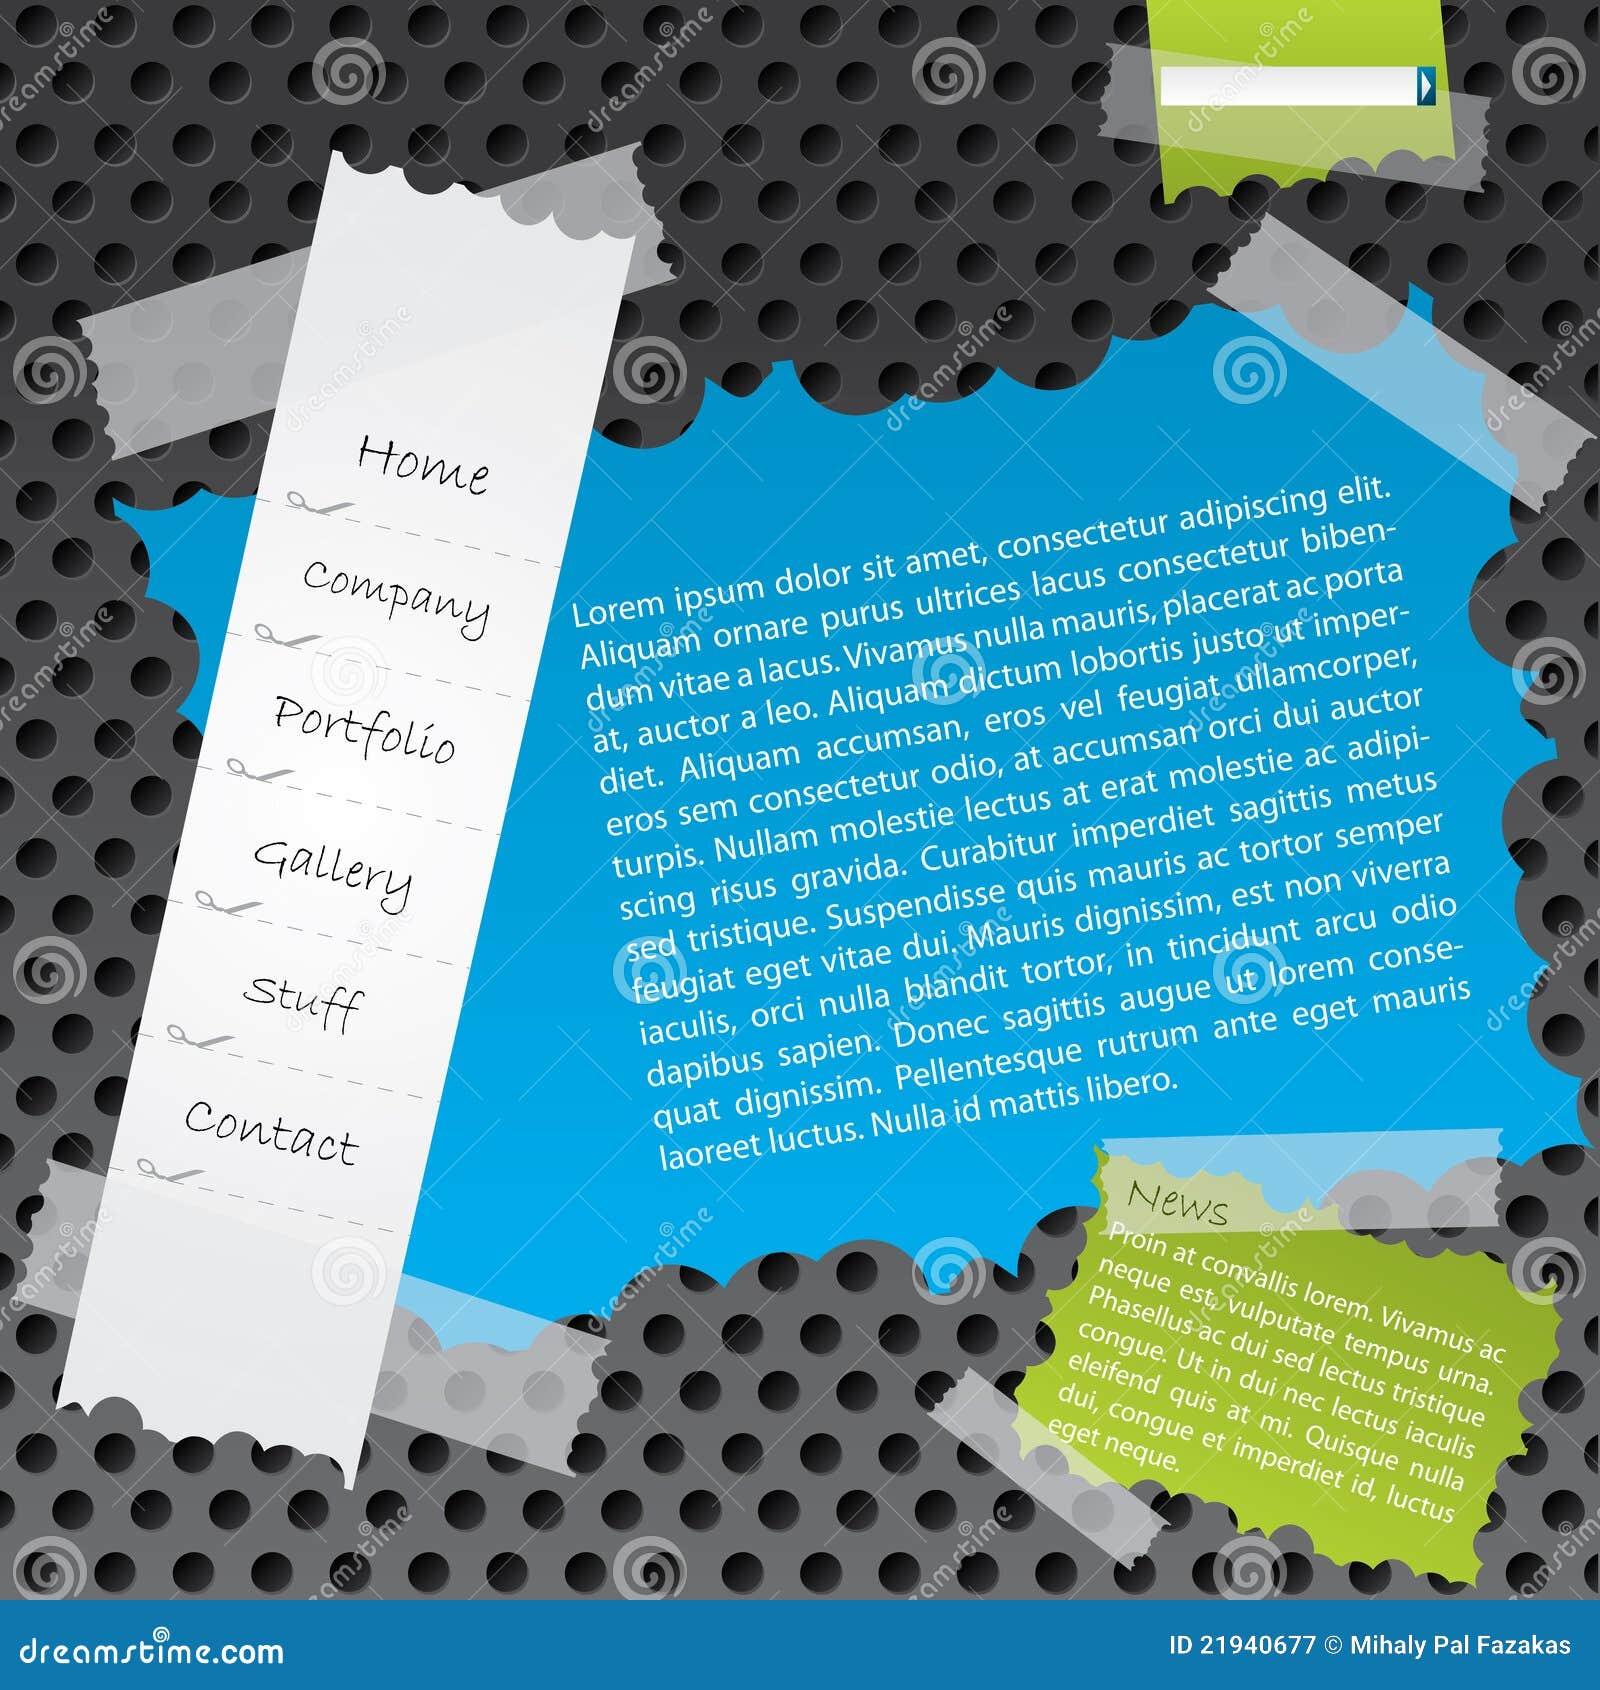 Web Design free essays sites